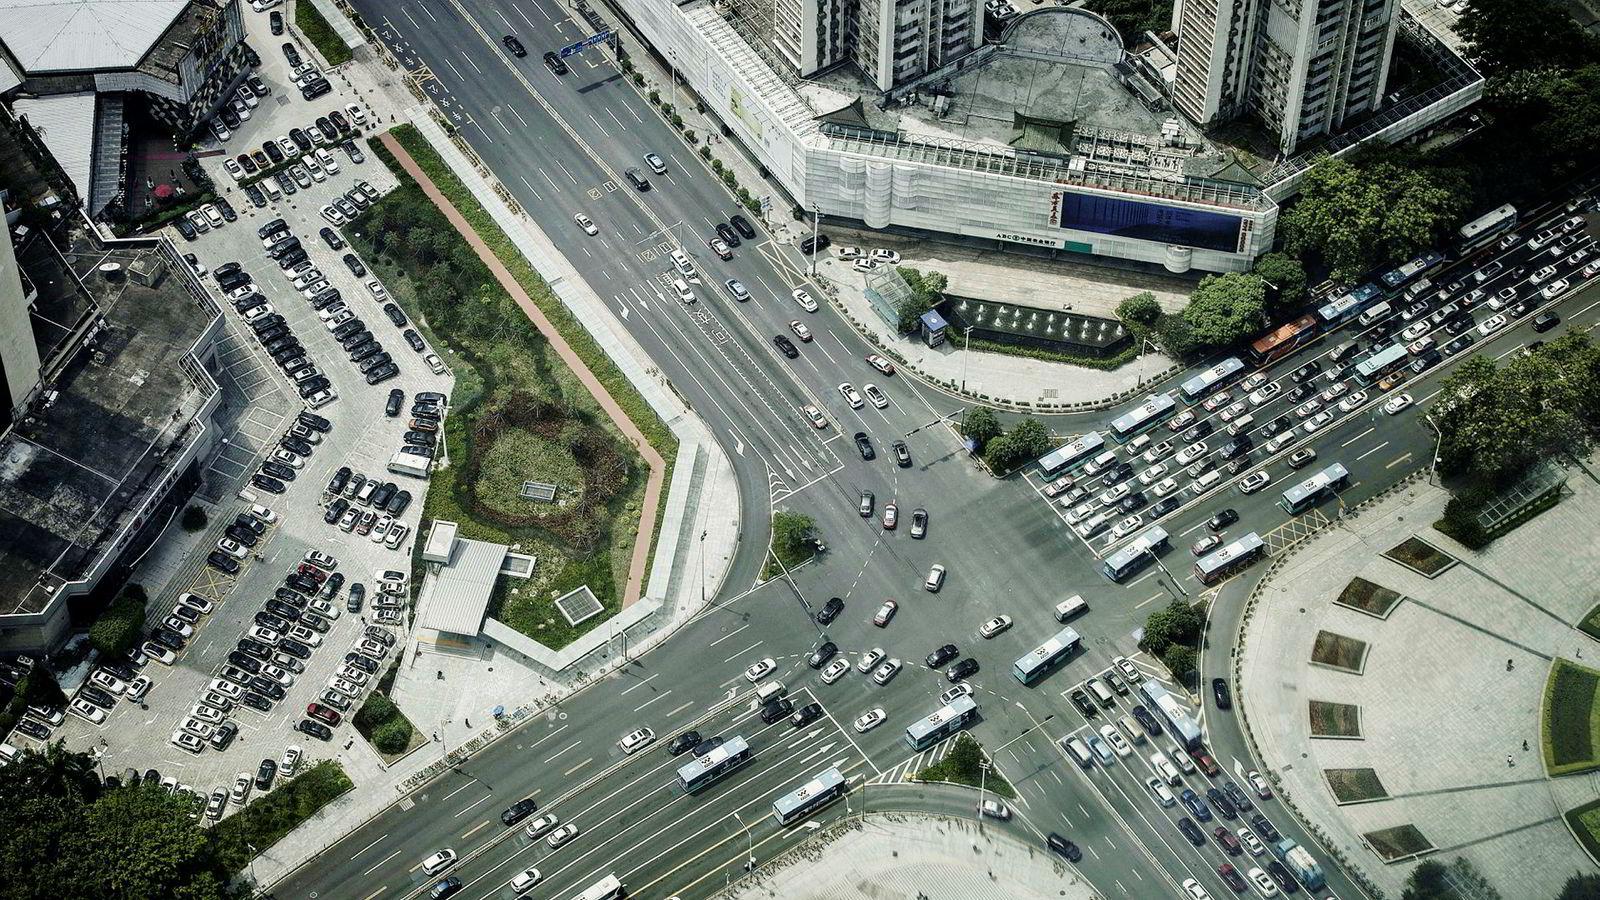 Shenzhen har i 40 år vært et forsøkslaboratorium hvor markedsreformer og privat eierskap er blitt testet ut i mindre skala. Nå skal alt av busser og drosjer elektrifiseres.